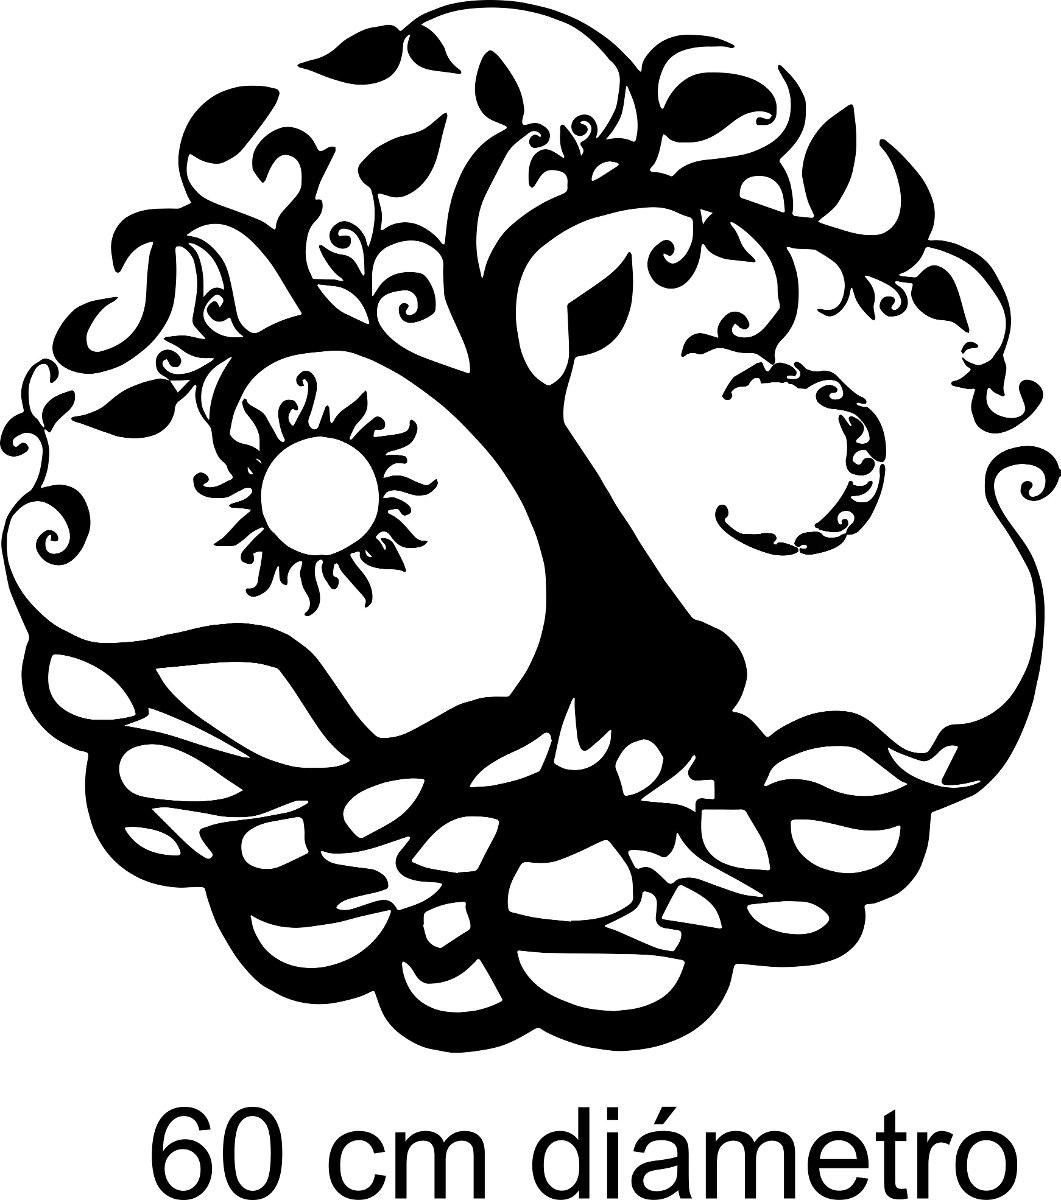 Vinilo Pared árbol De La Vida Sol Y Luna Wall Stickers 35204 En